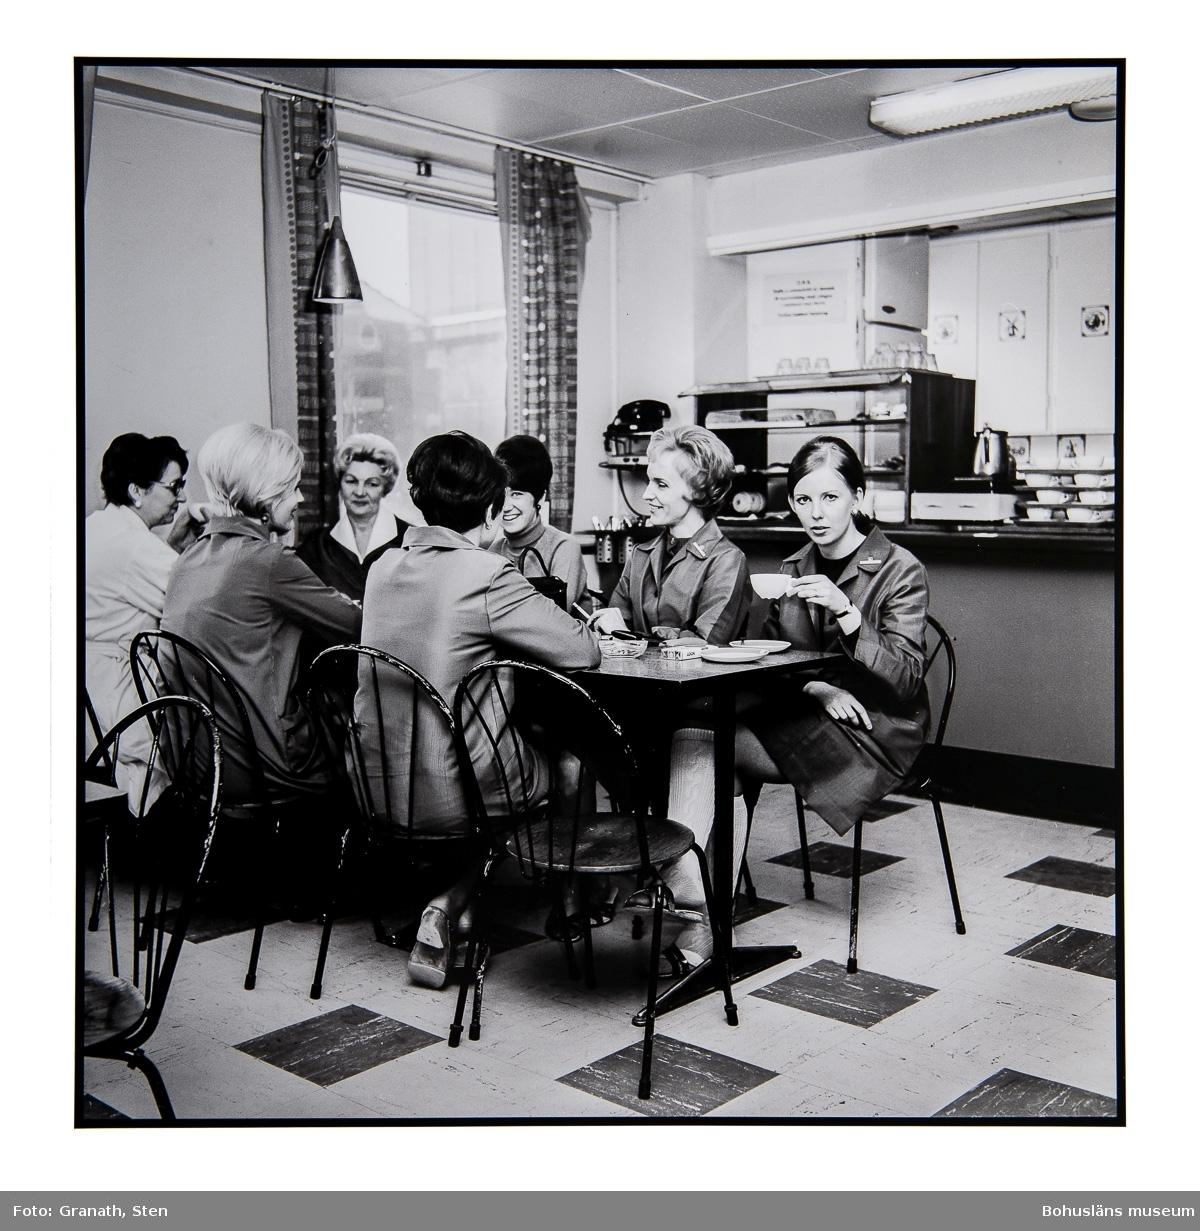 Fikapaus på EPA-varuhuset. Sju kvinnor sitter kring ett rektangulärt bord. Fyra av kvinnorna har likadana arbetsuniformer på sig. Bakom bordet finns en disk med porslin, en kylmonter och en kaffeperkulator.